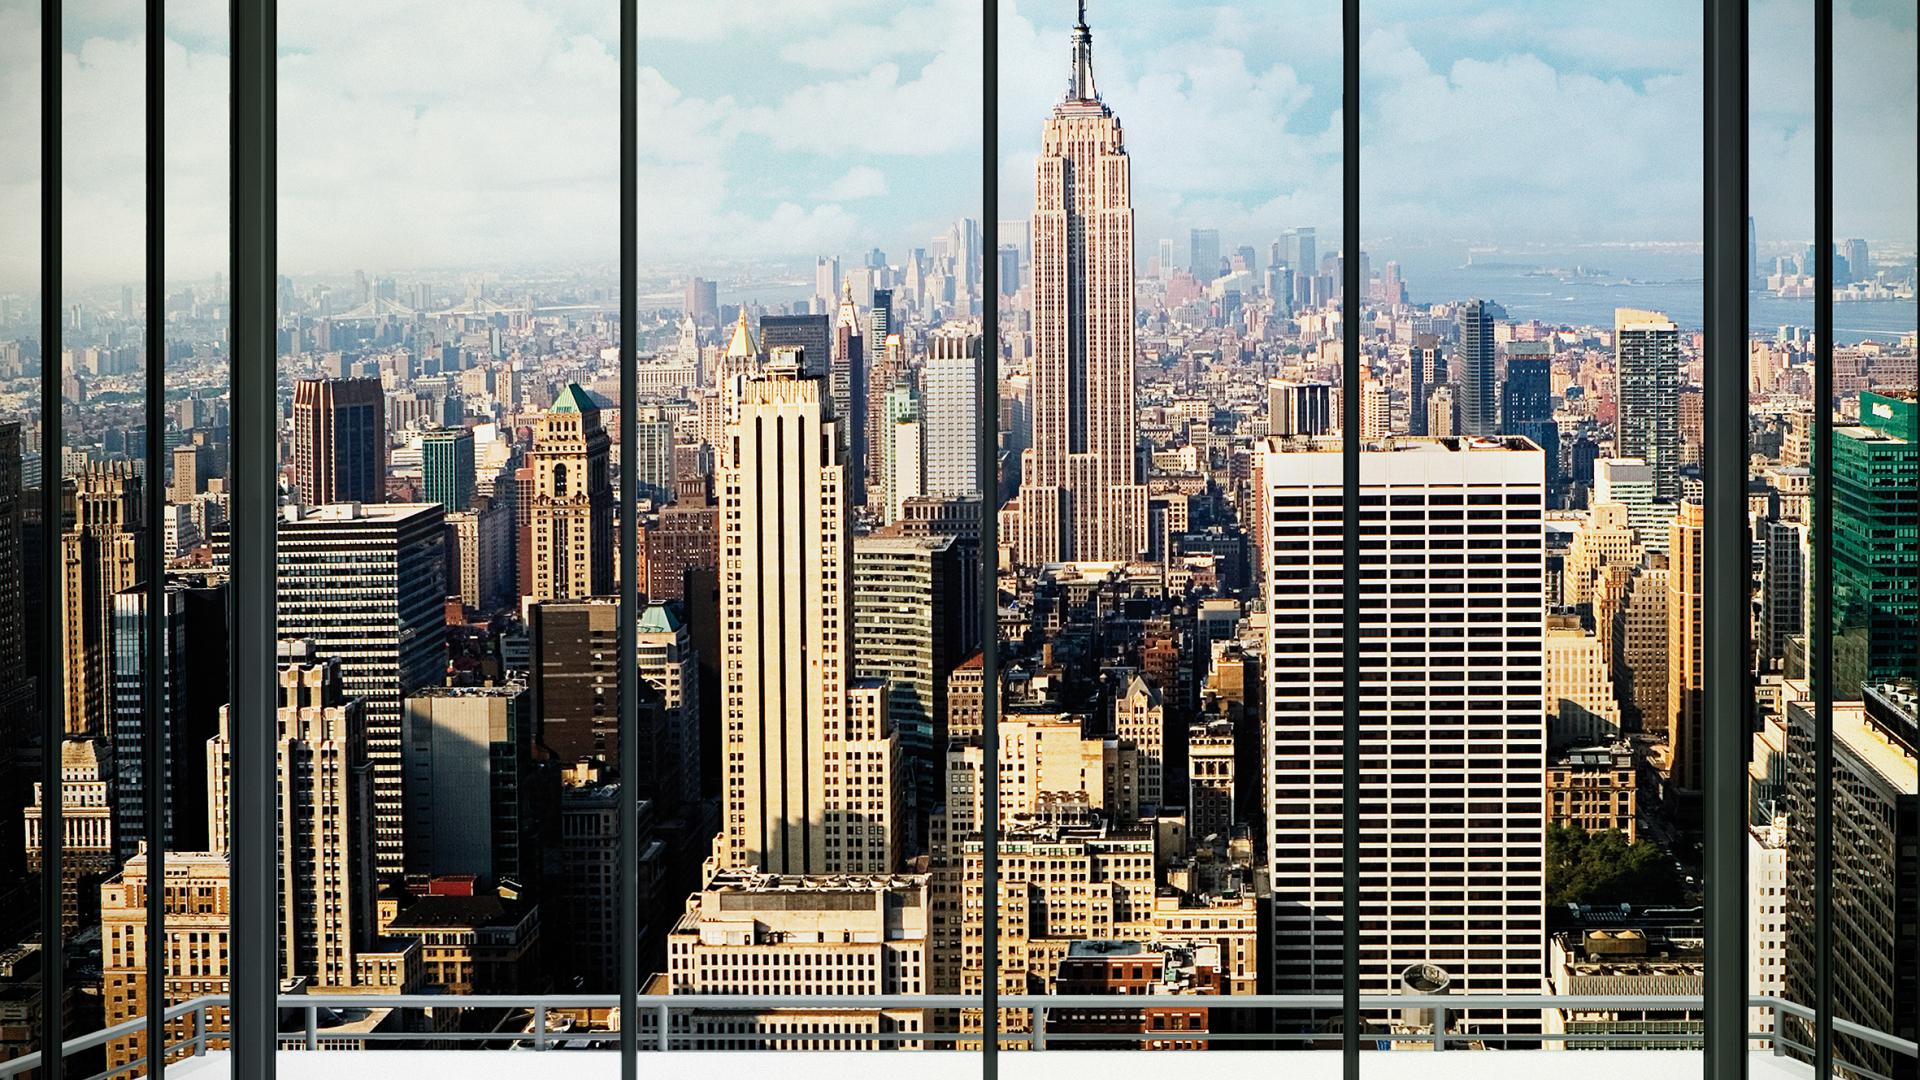 картинка мегаполис из окна пьедестал